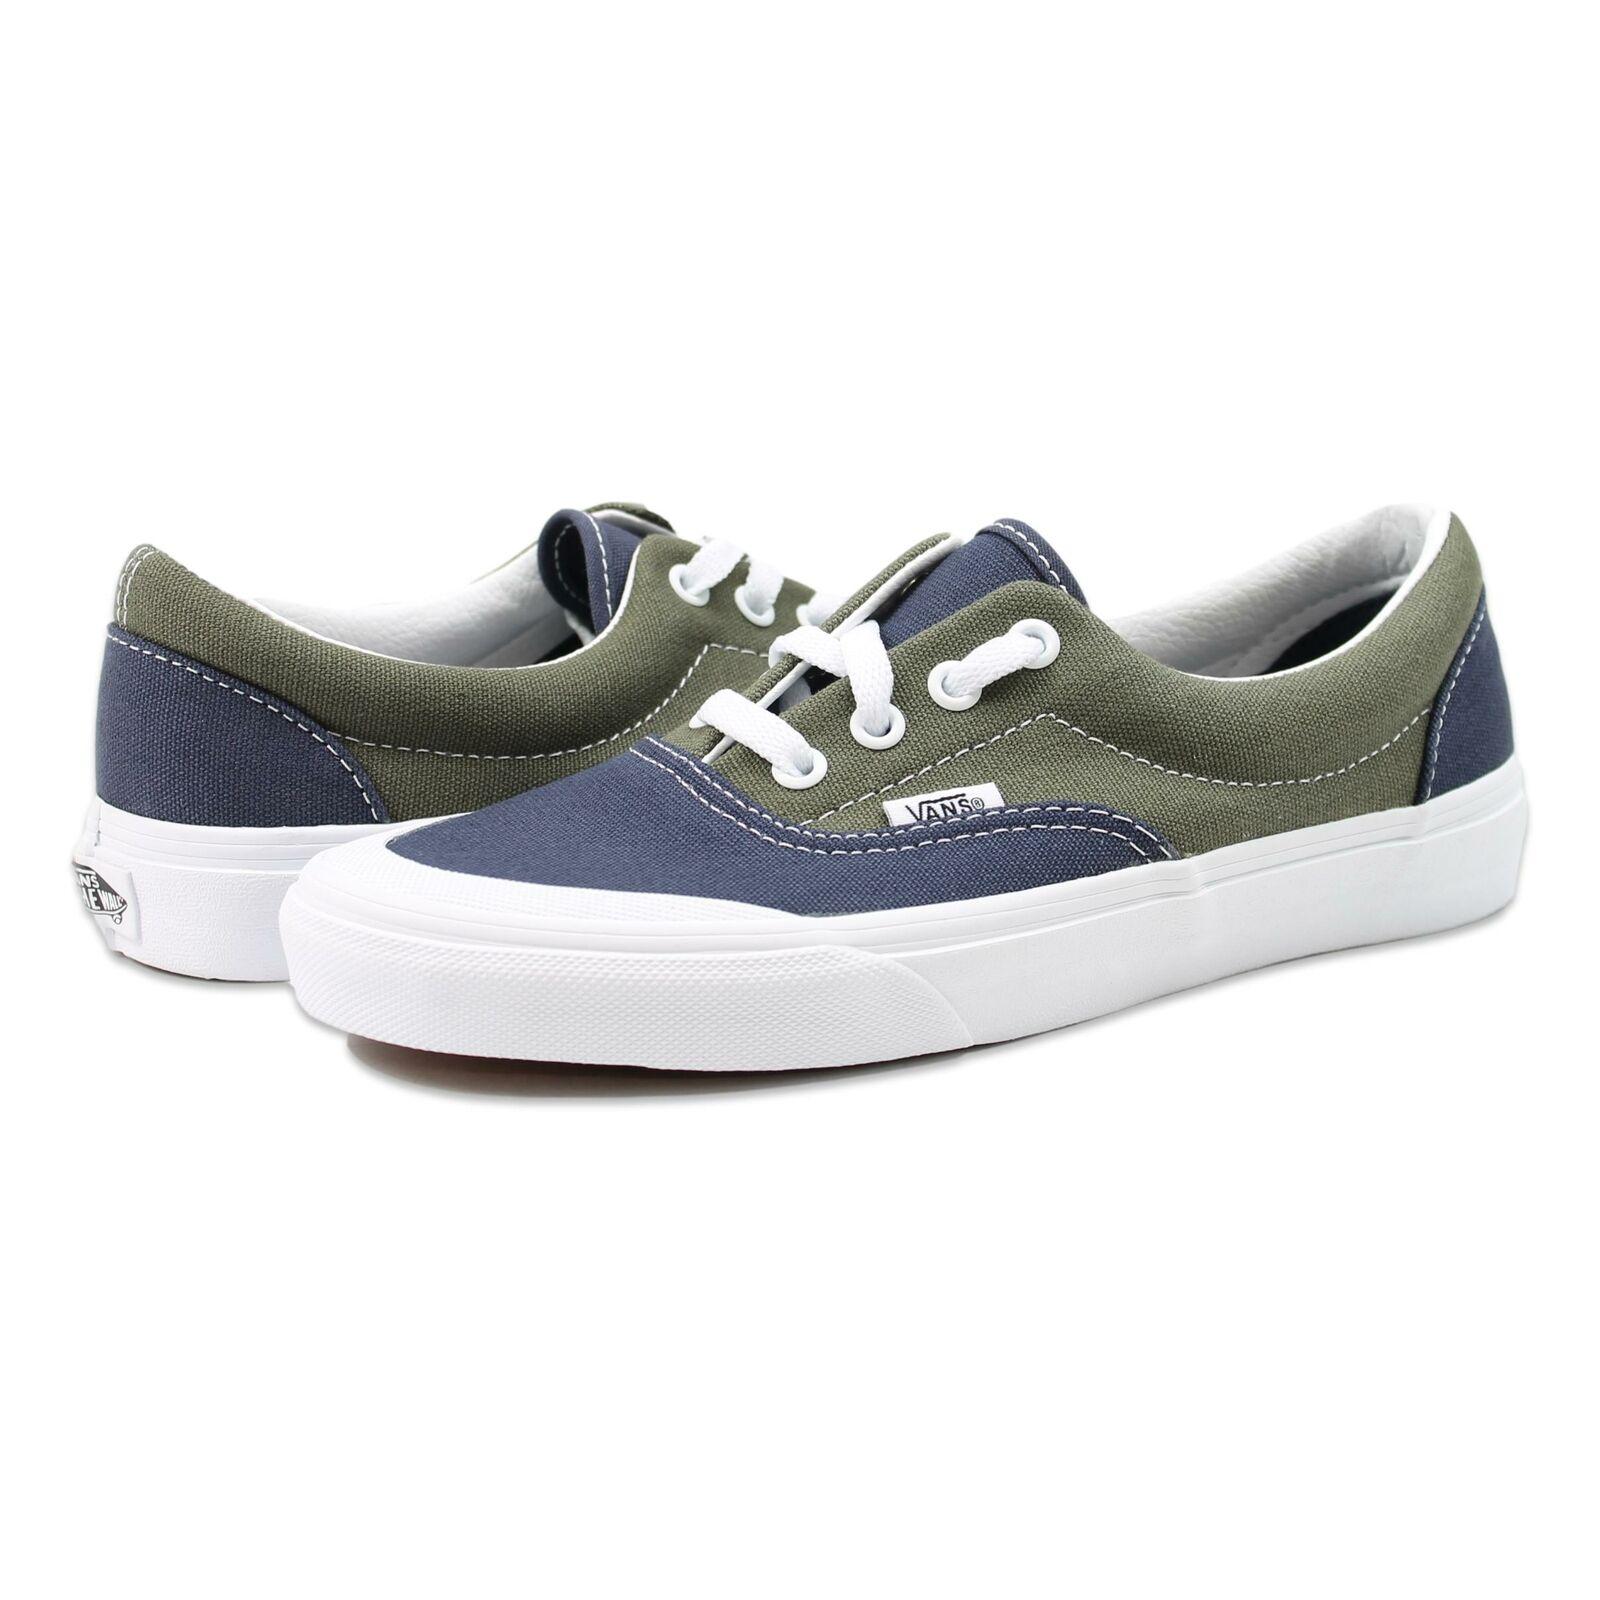 Vans Mens Era TC 2 Tone Shoes Parisian Night Grape Leaf 6 New